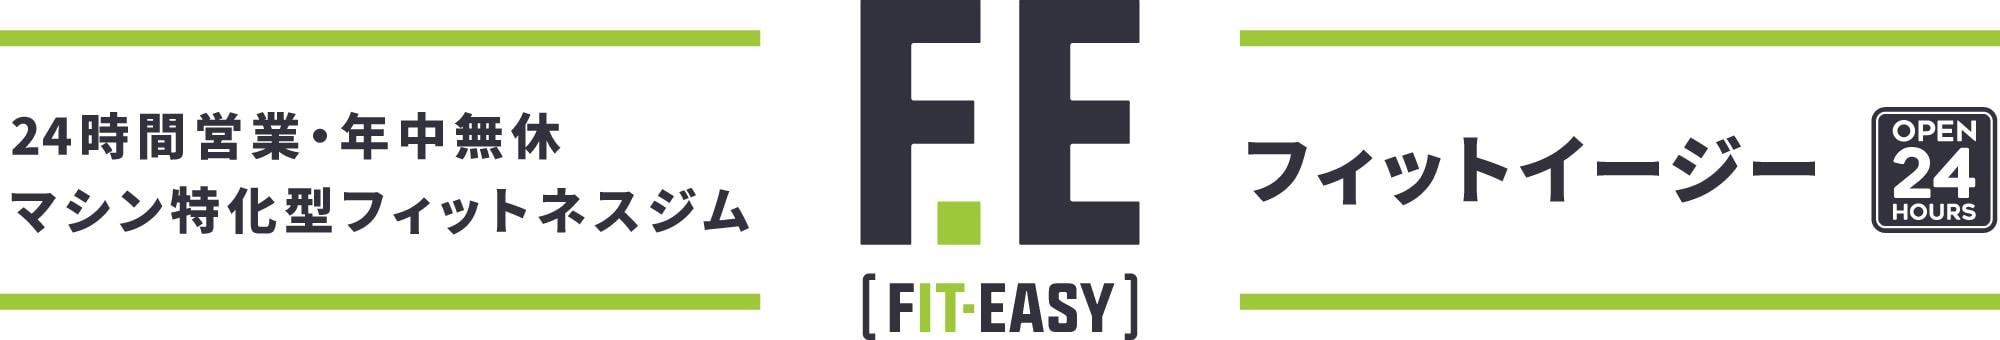 24時間営業・年中無休のマシン特化型フィットネスジム,フィットーイージー,FITEASY